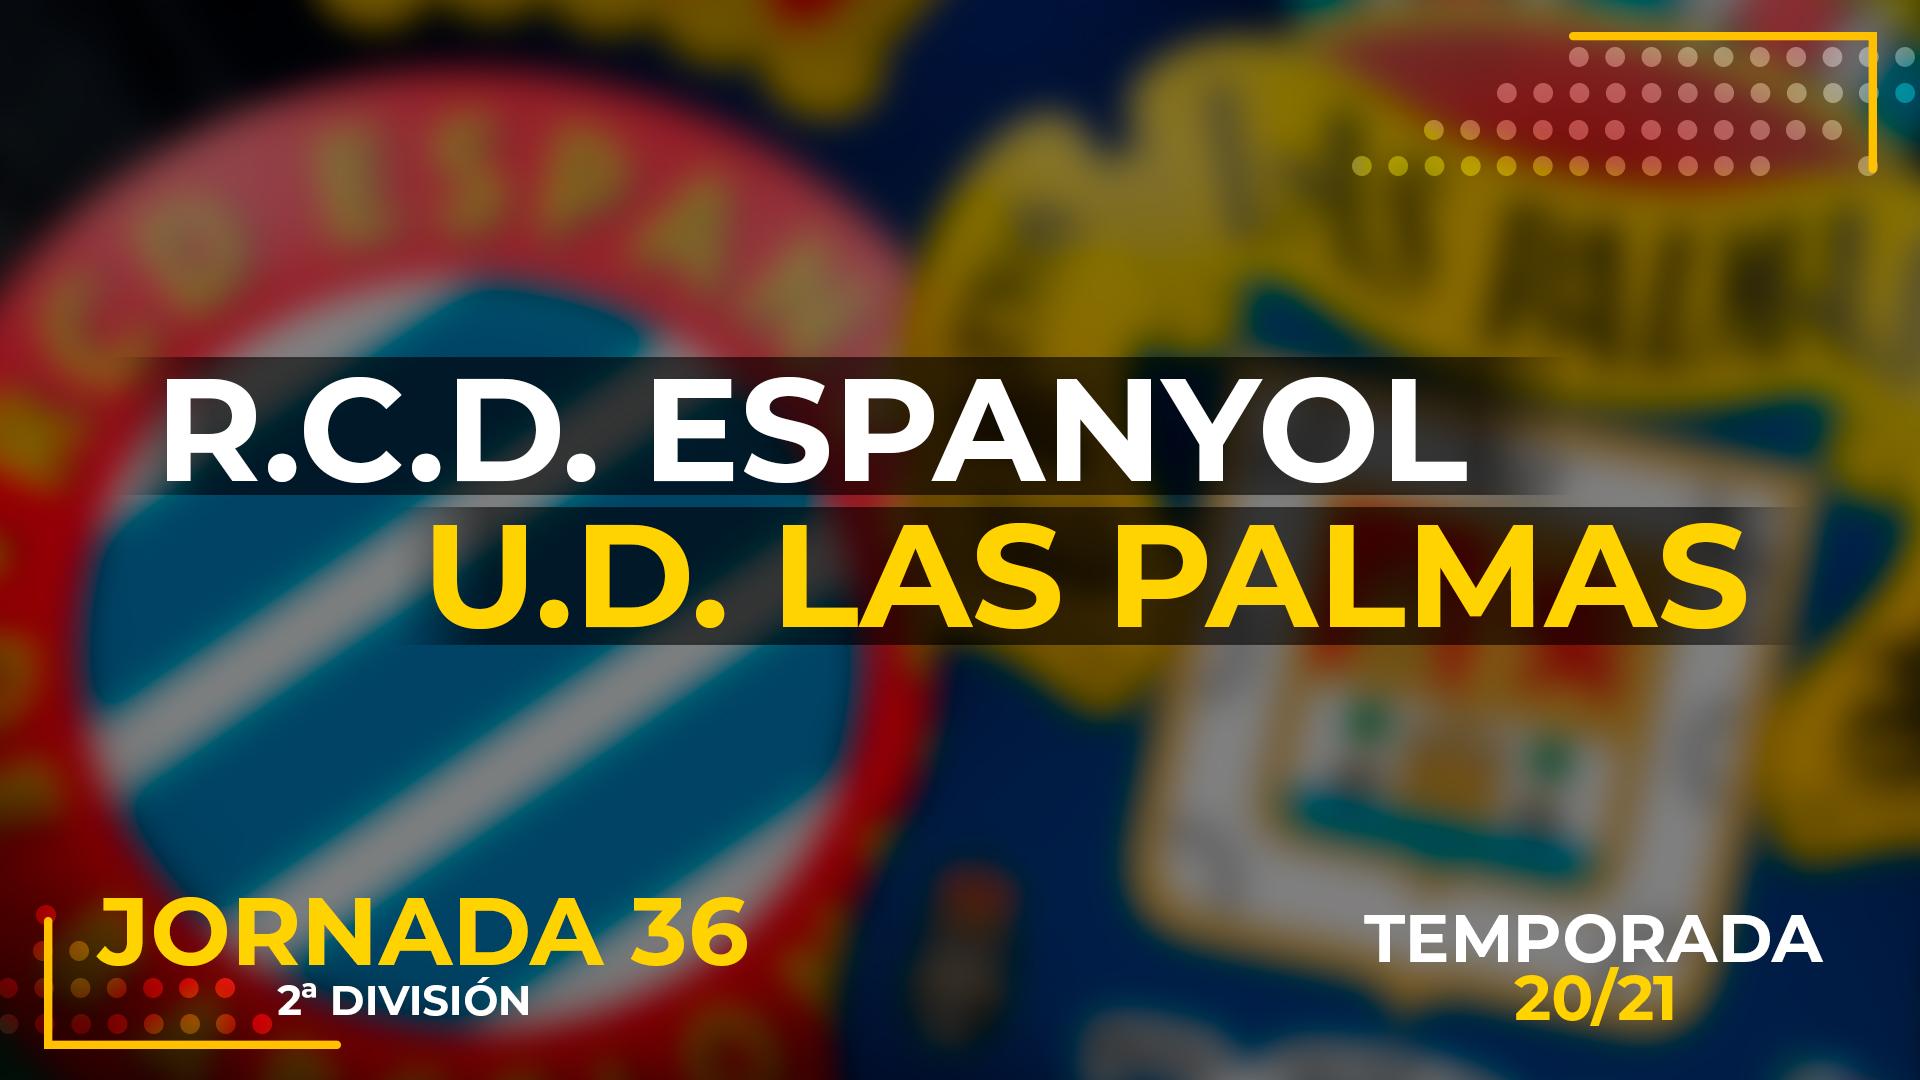 Espanyol vs UD Las Palmas